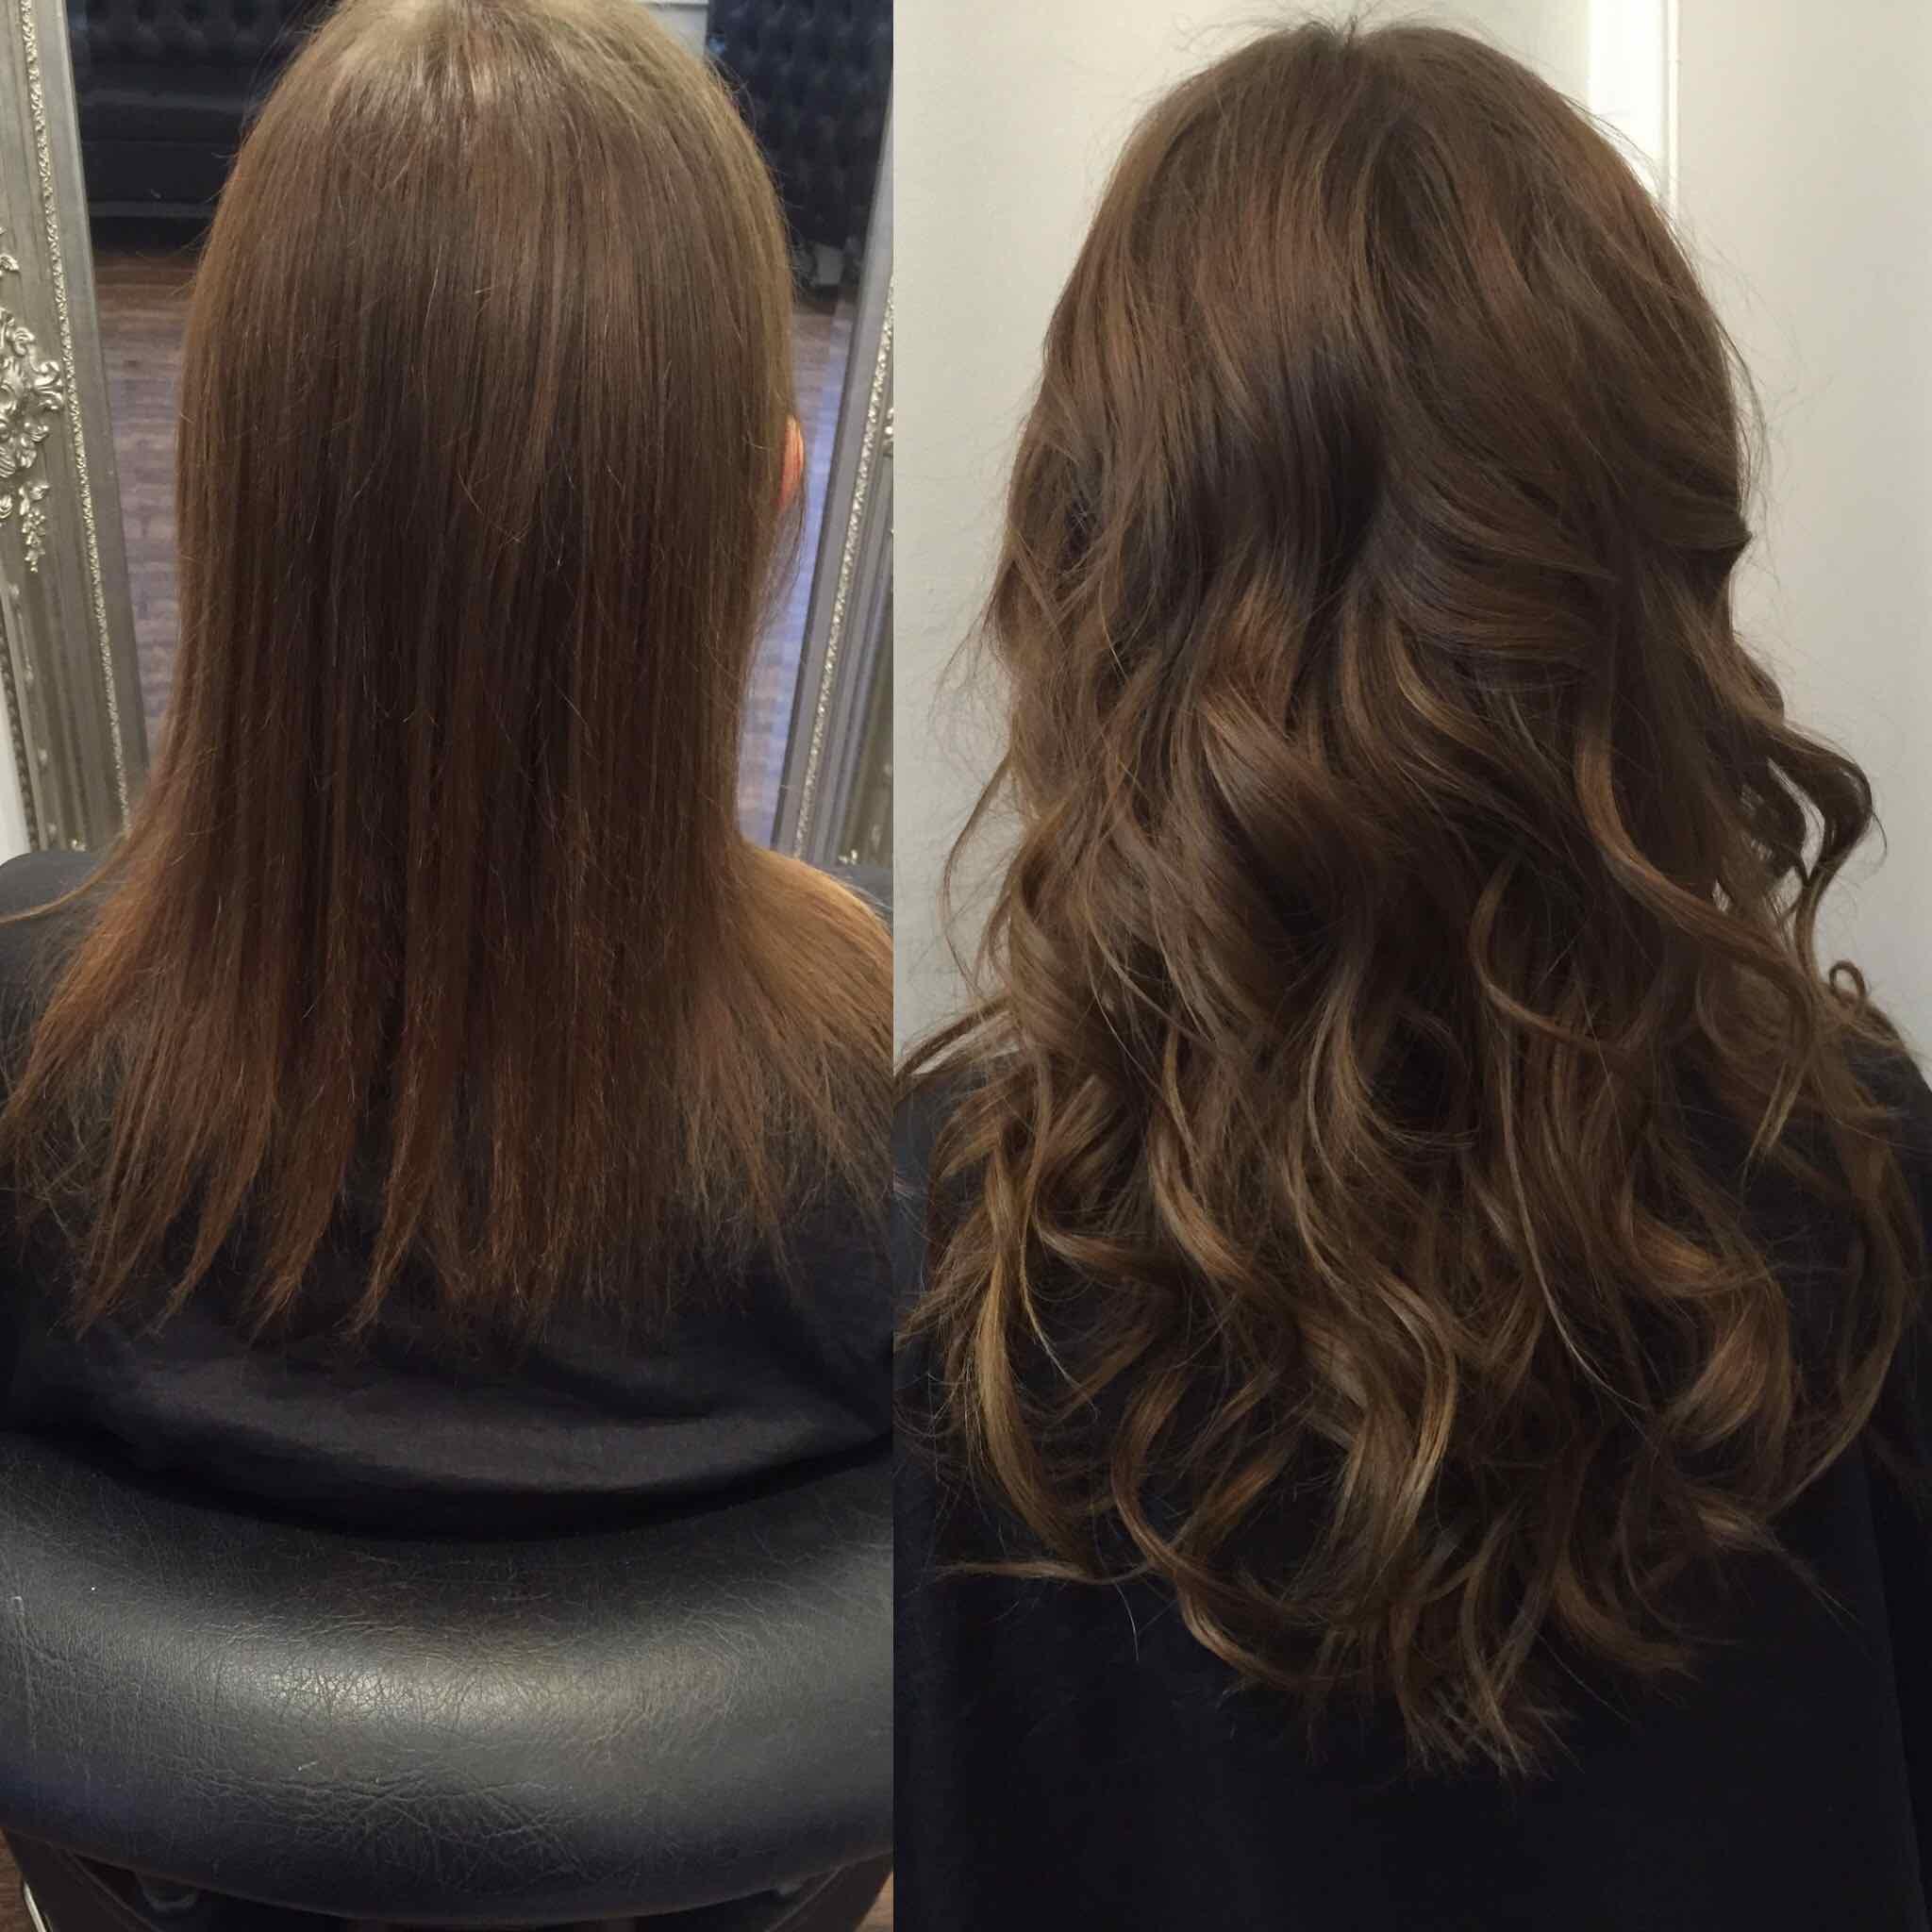 Balmain Hair Extension Offer At Our Highworth Hair Salon